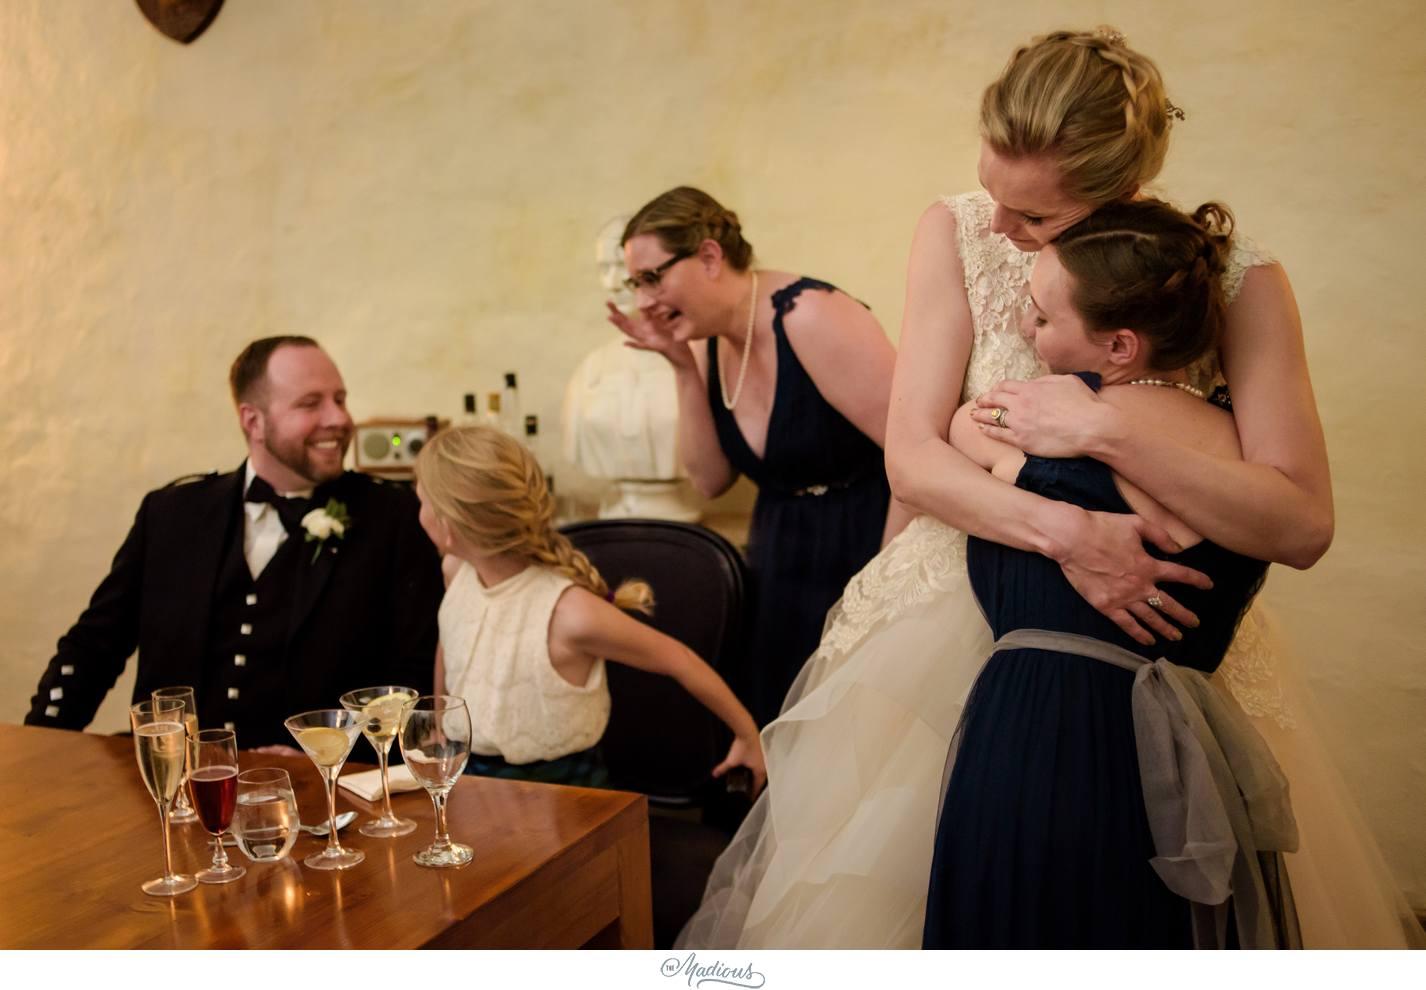 Balbegno_Dunnotar_Castle_Scottland_Wedding_65.jpg